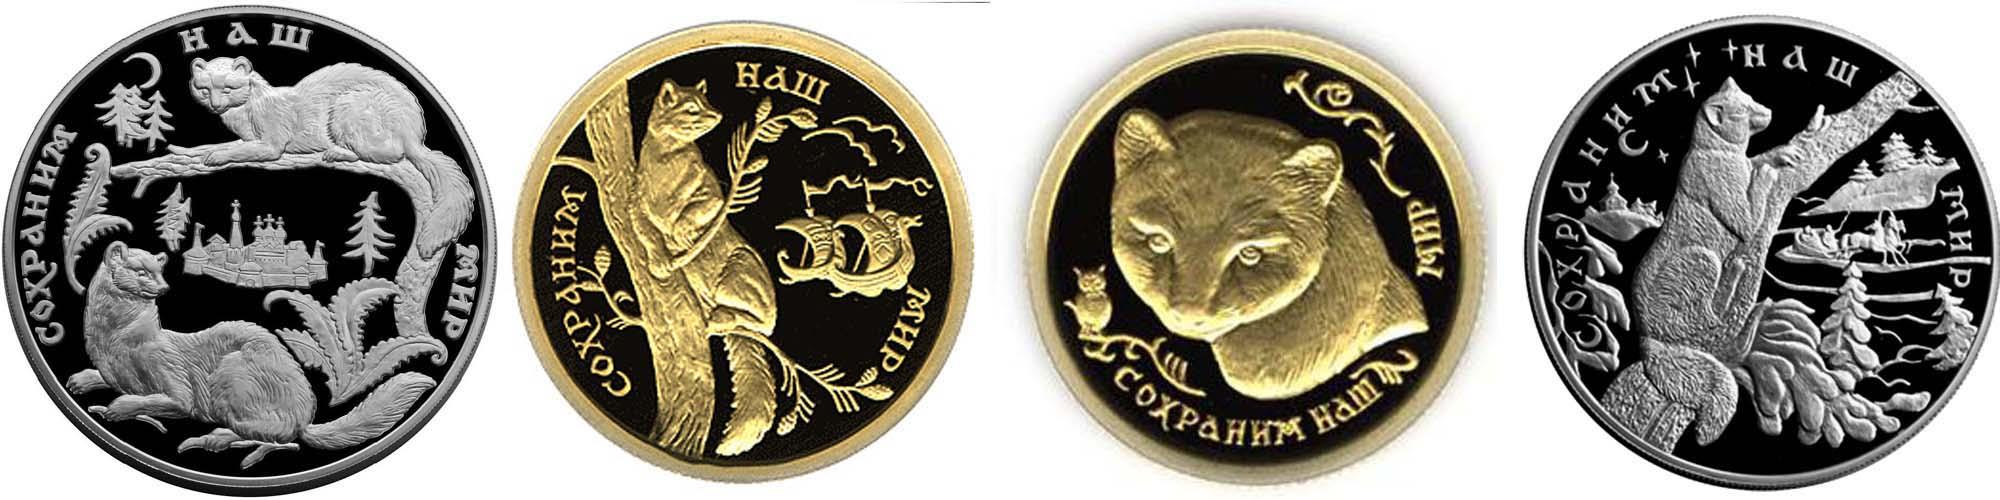 Разновидности монеты Соболь